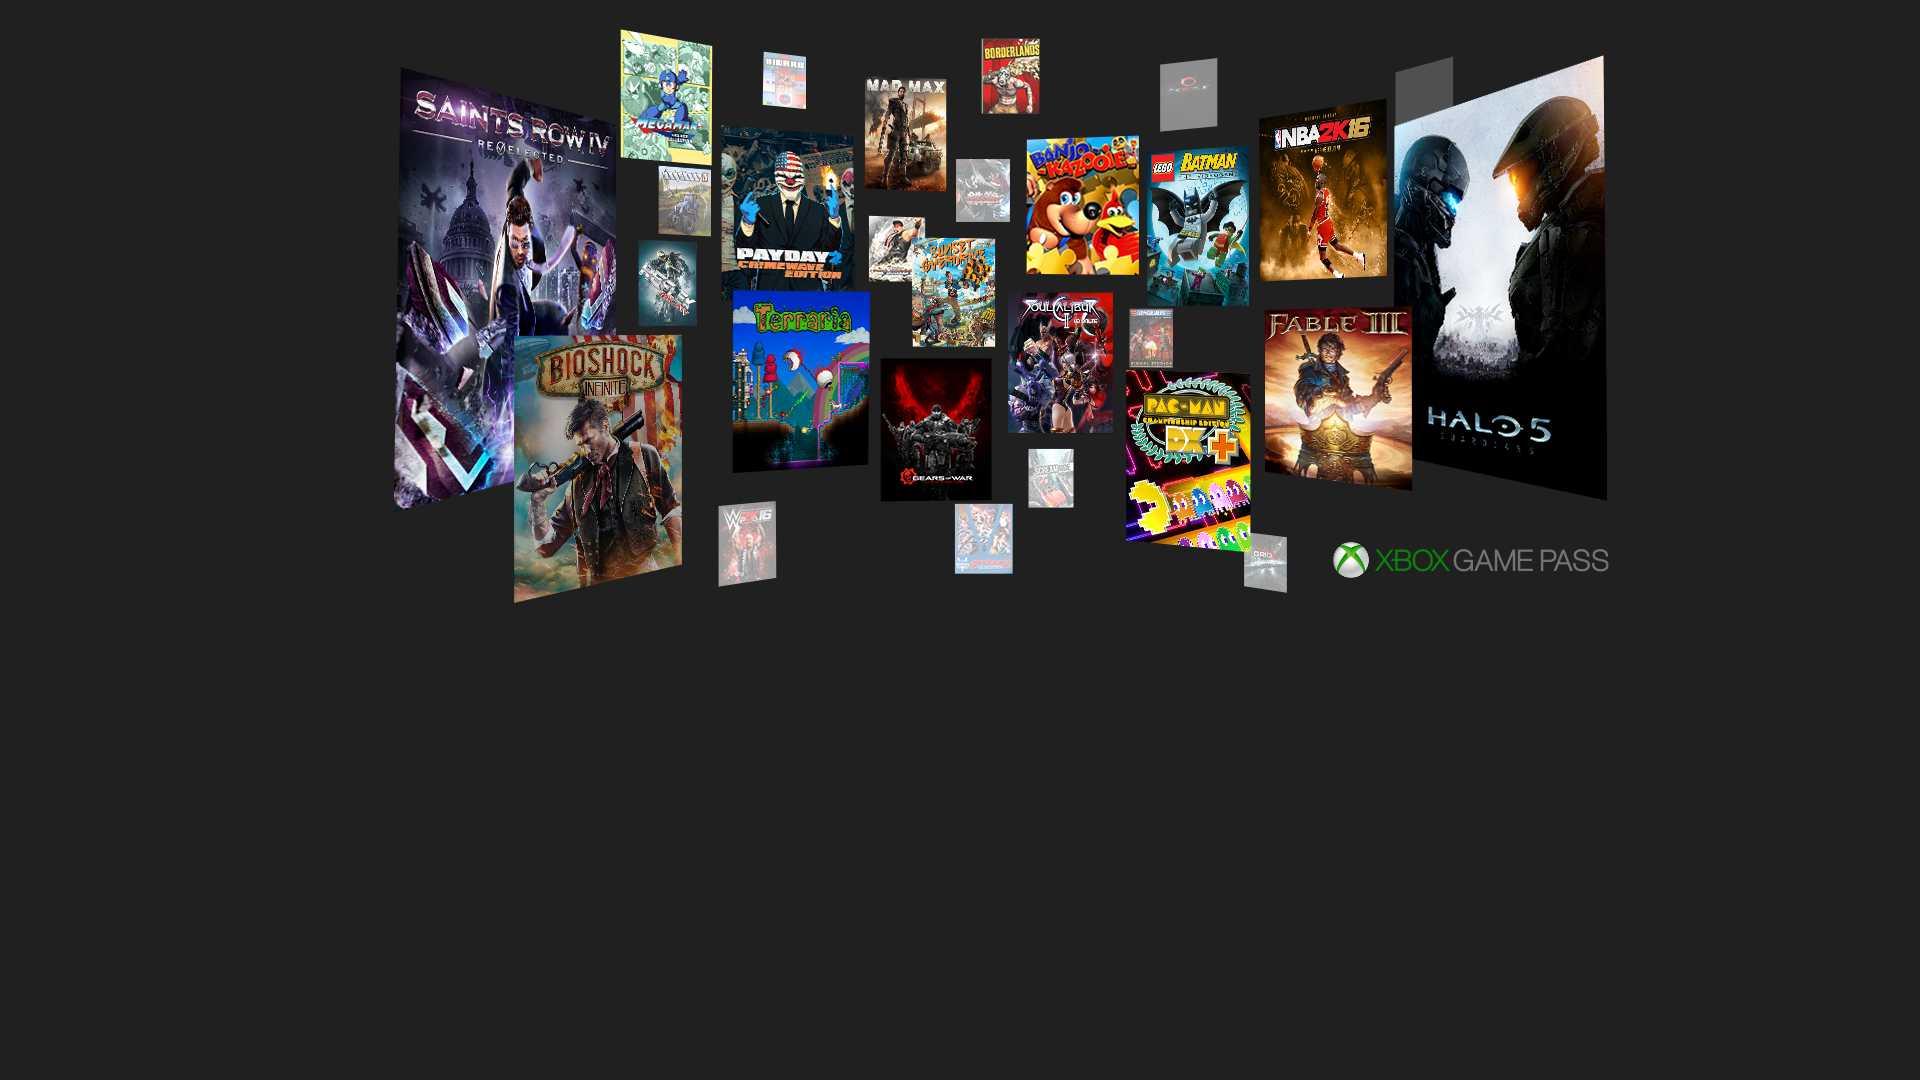 Acheter Xbox Game Pass - 1 month - Xbox Store Checker